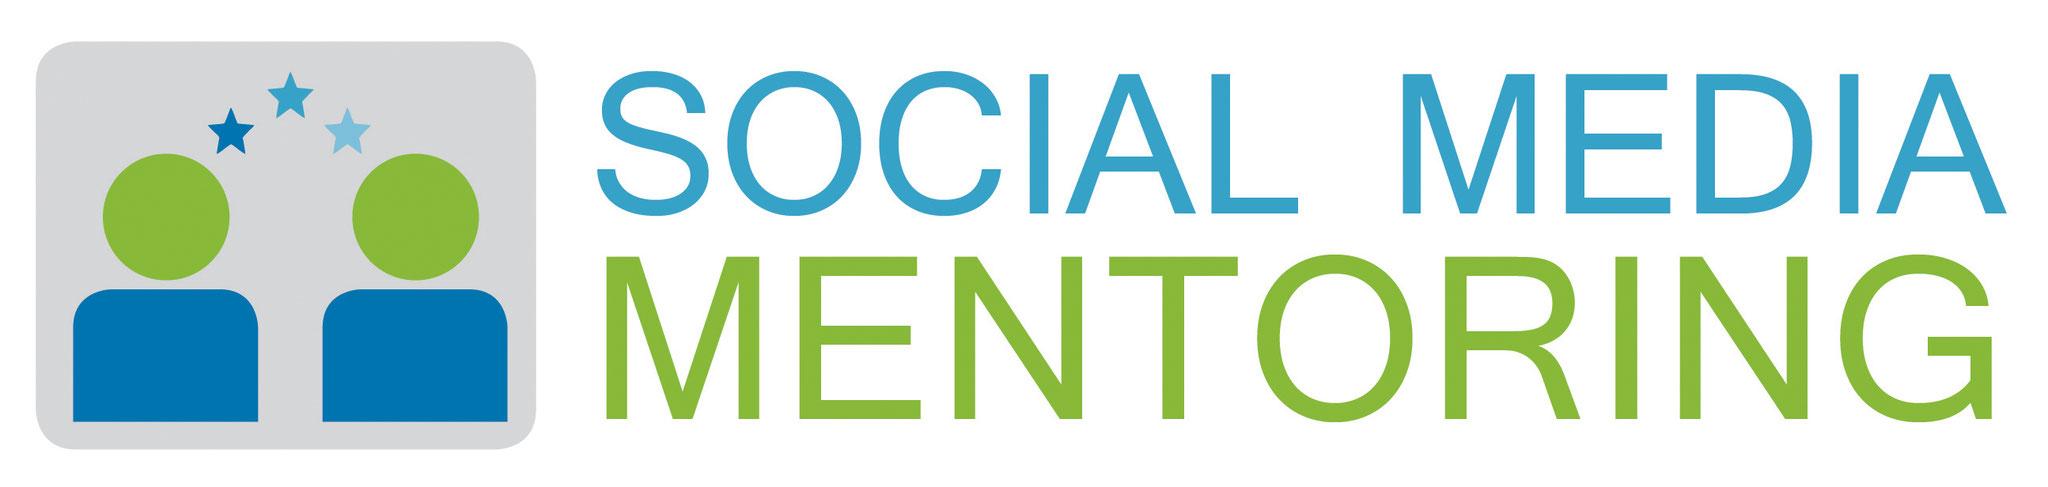 Social-Media-Mentoring: Logo-Design